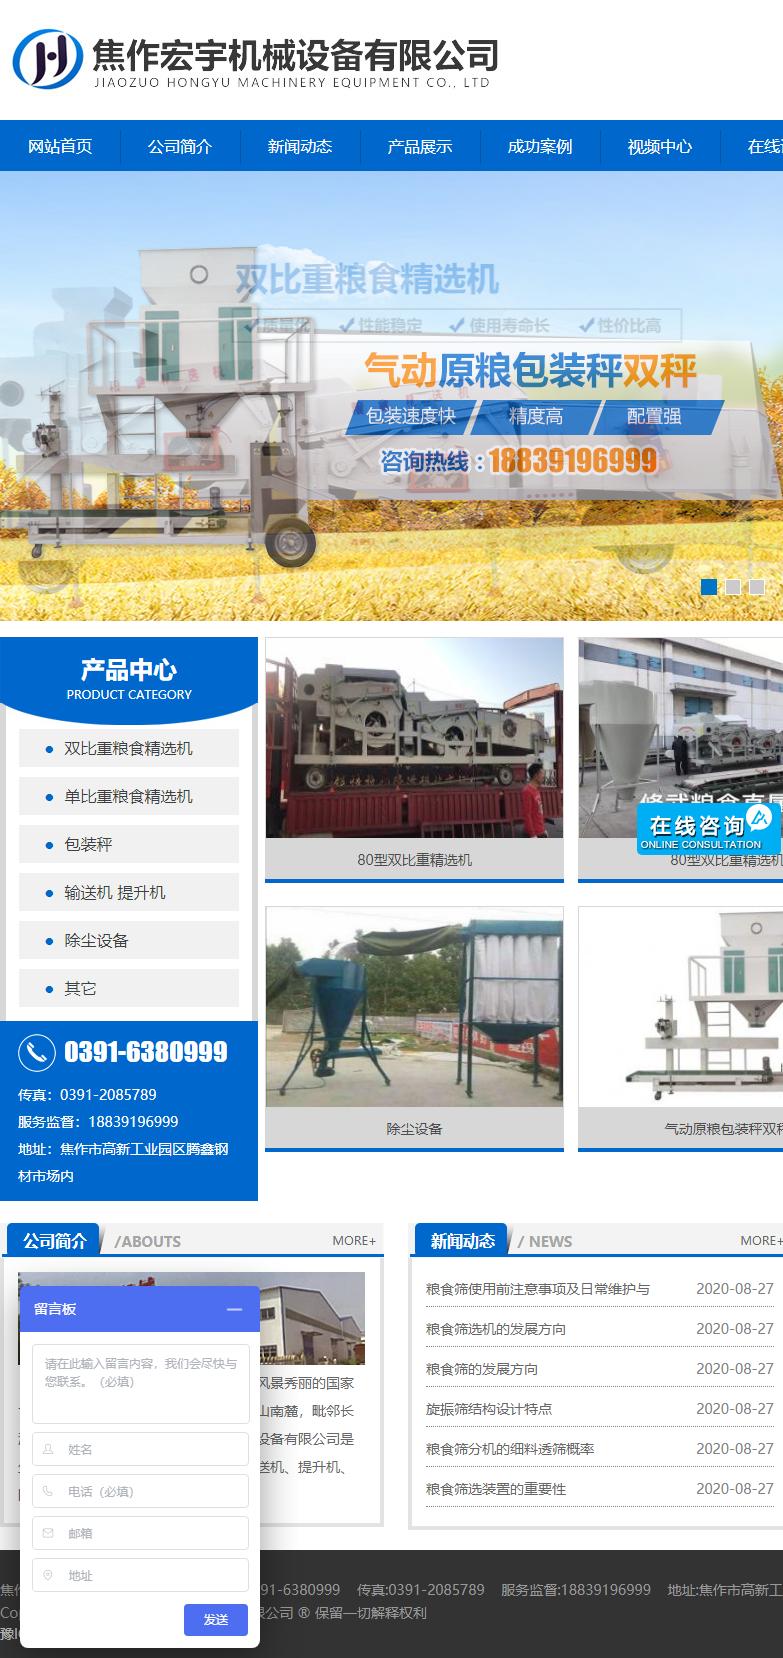 焦作宏宇机械设备有限公司网站案例